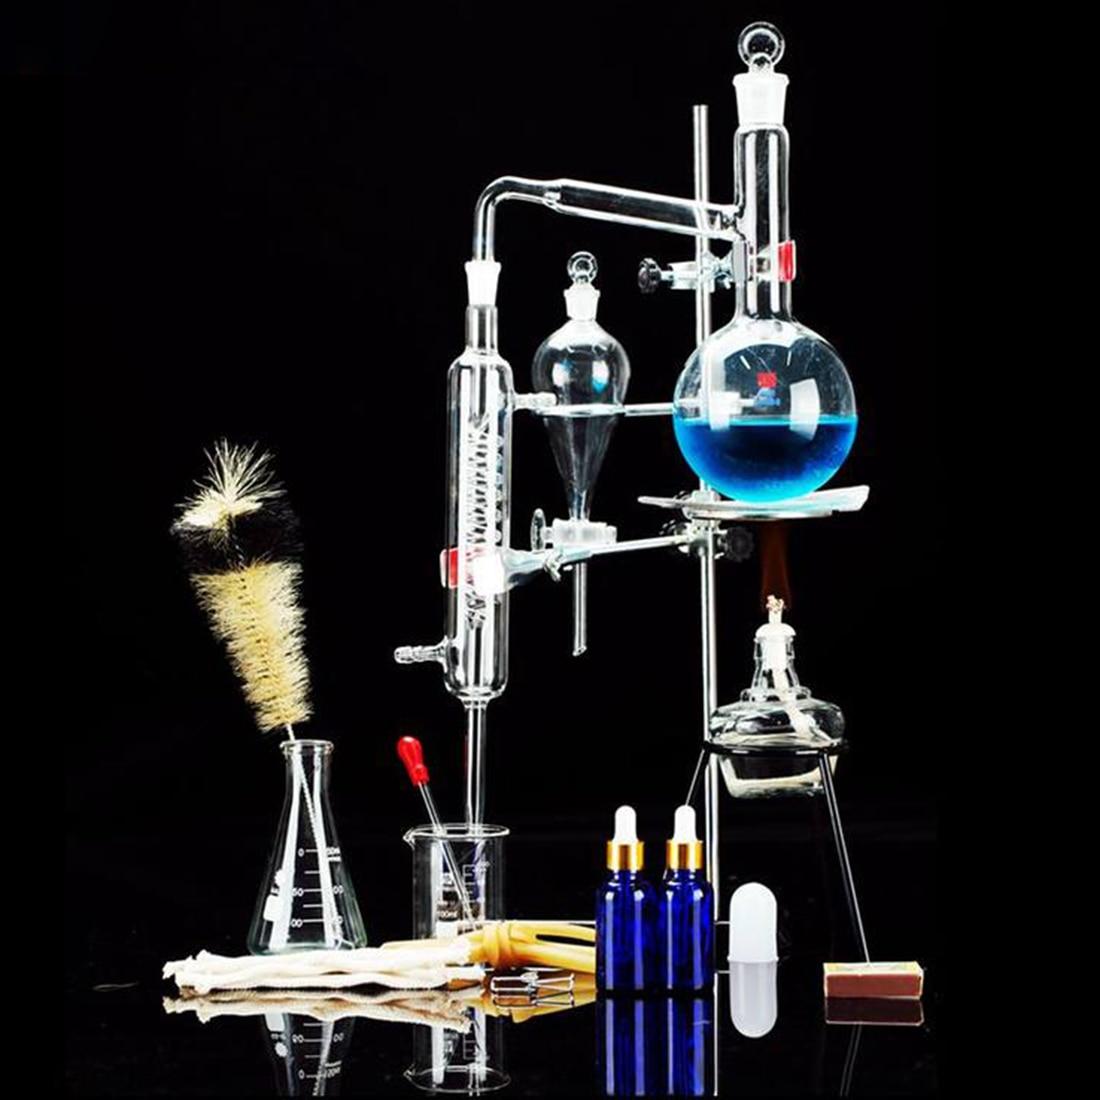 Distillateur Limbeck verre eau distillée dispositif Instrument d'enseignement chimique pour laboratoire enfants enfants jouet scientifique éducatif